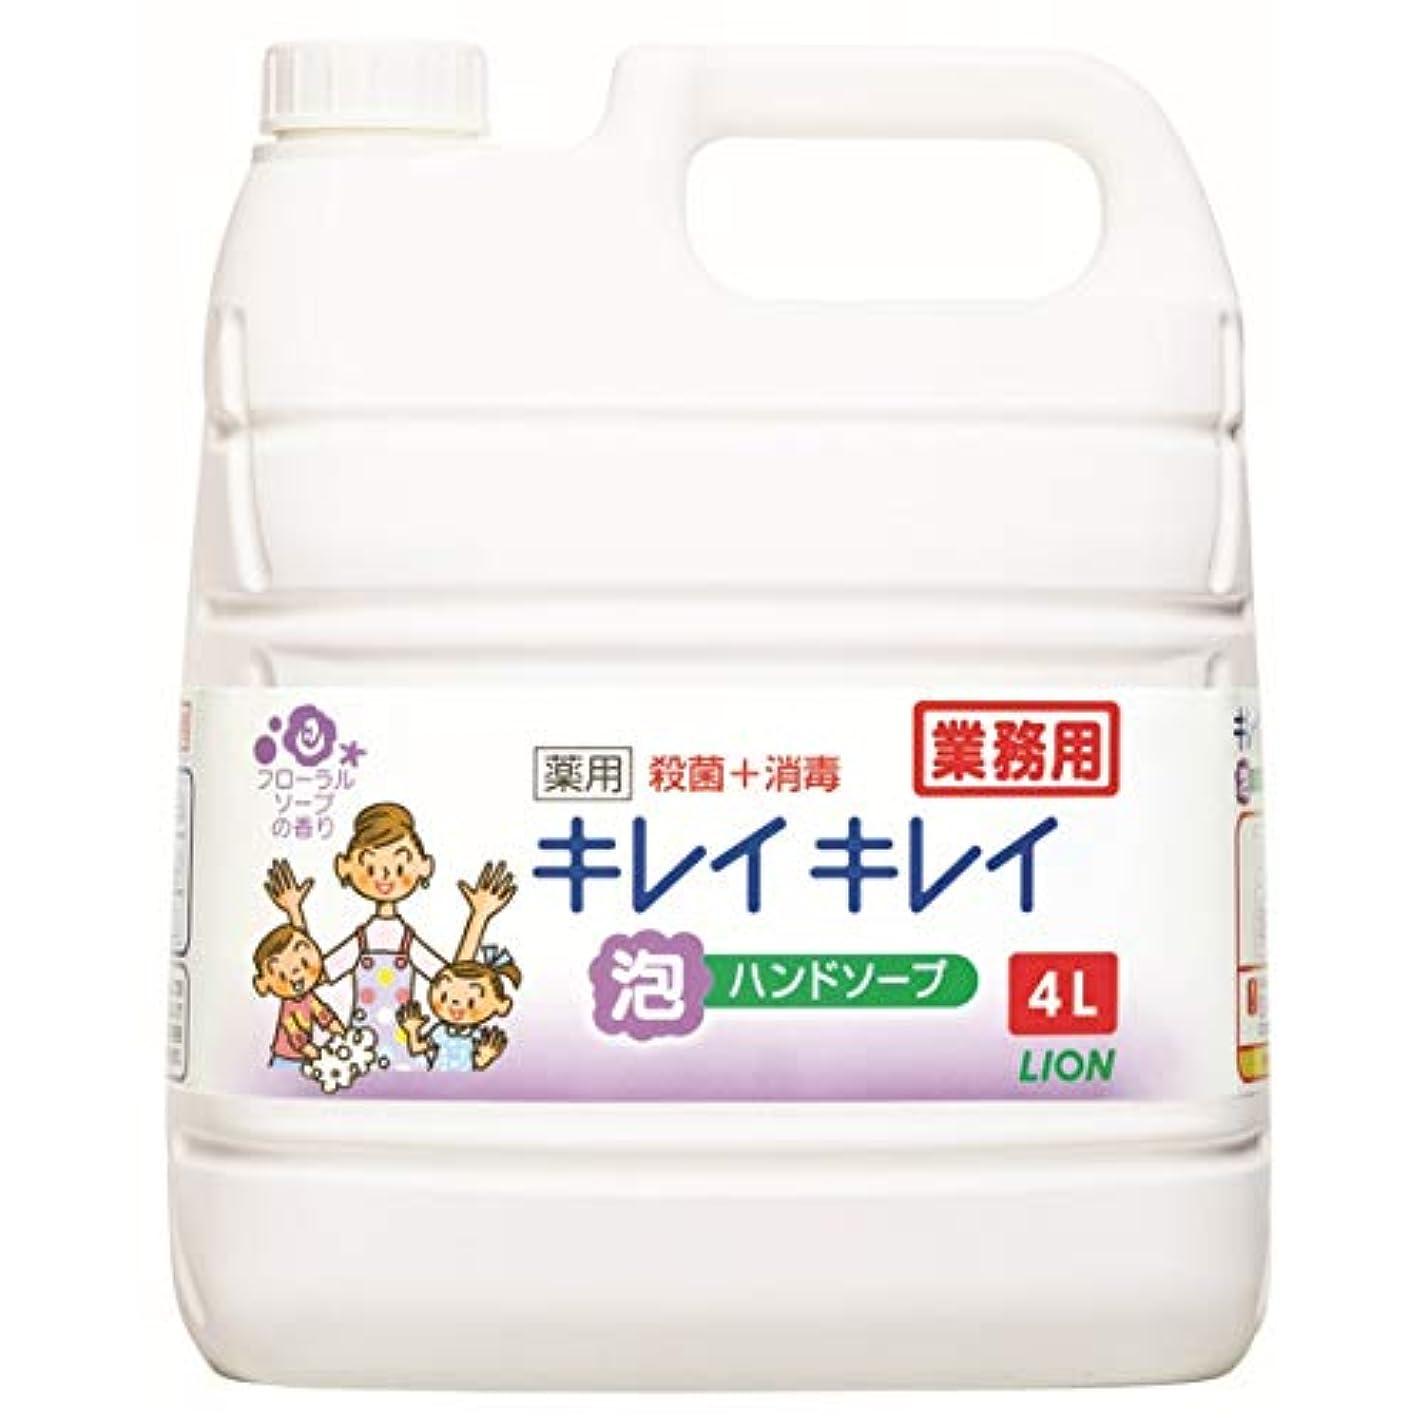 不潔食堂かご【業務用 大容量】キレイキレイ 薬用 泡ハンドソープフローラルソープの香り 4L(医薬部外品)